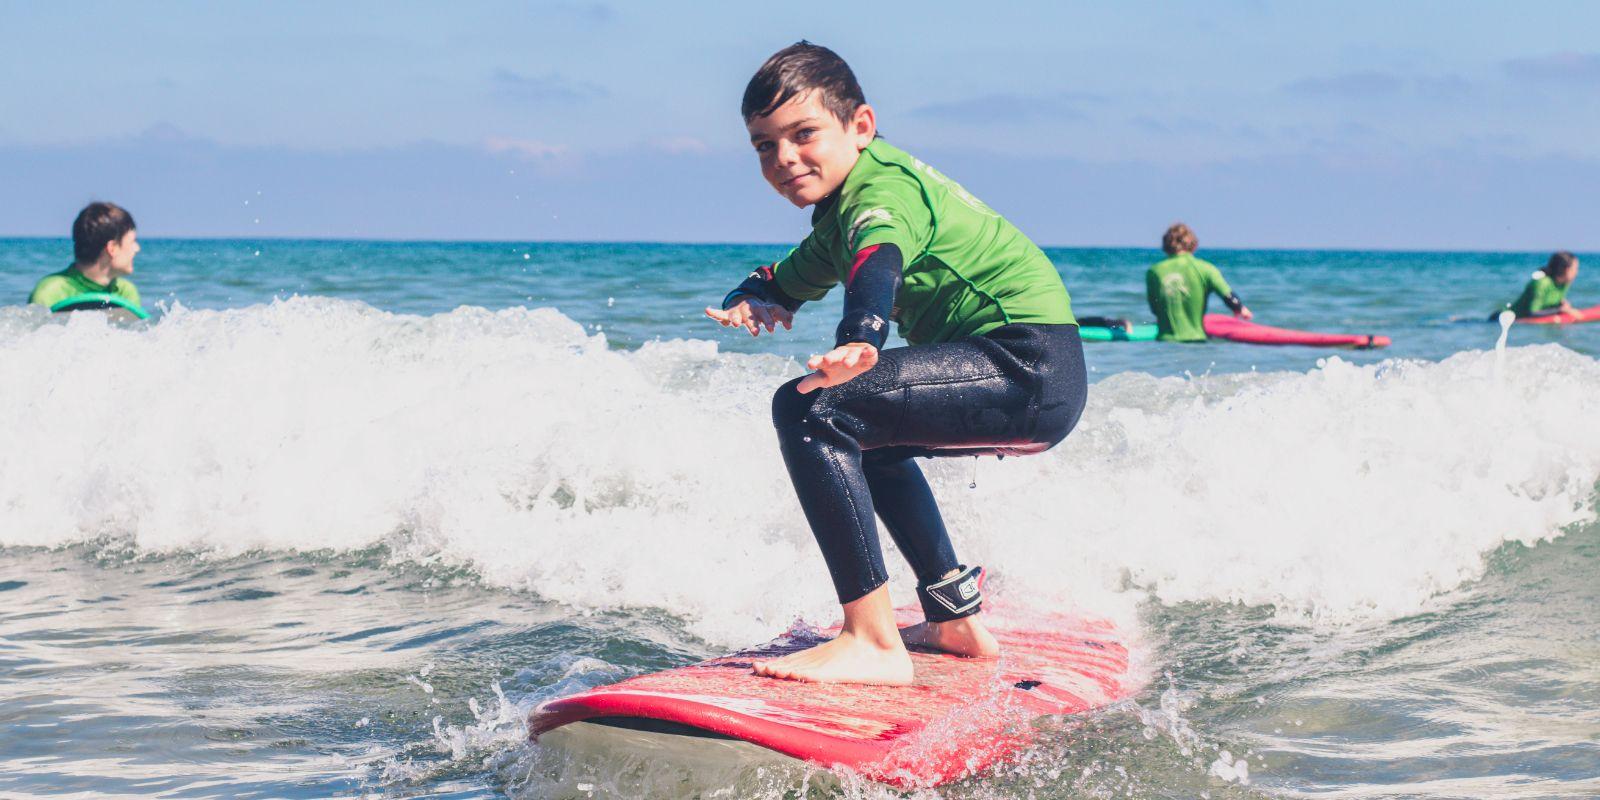 Niño sobre tabla en clase de surf